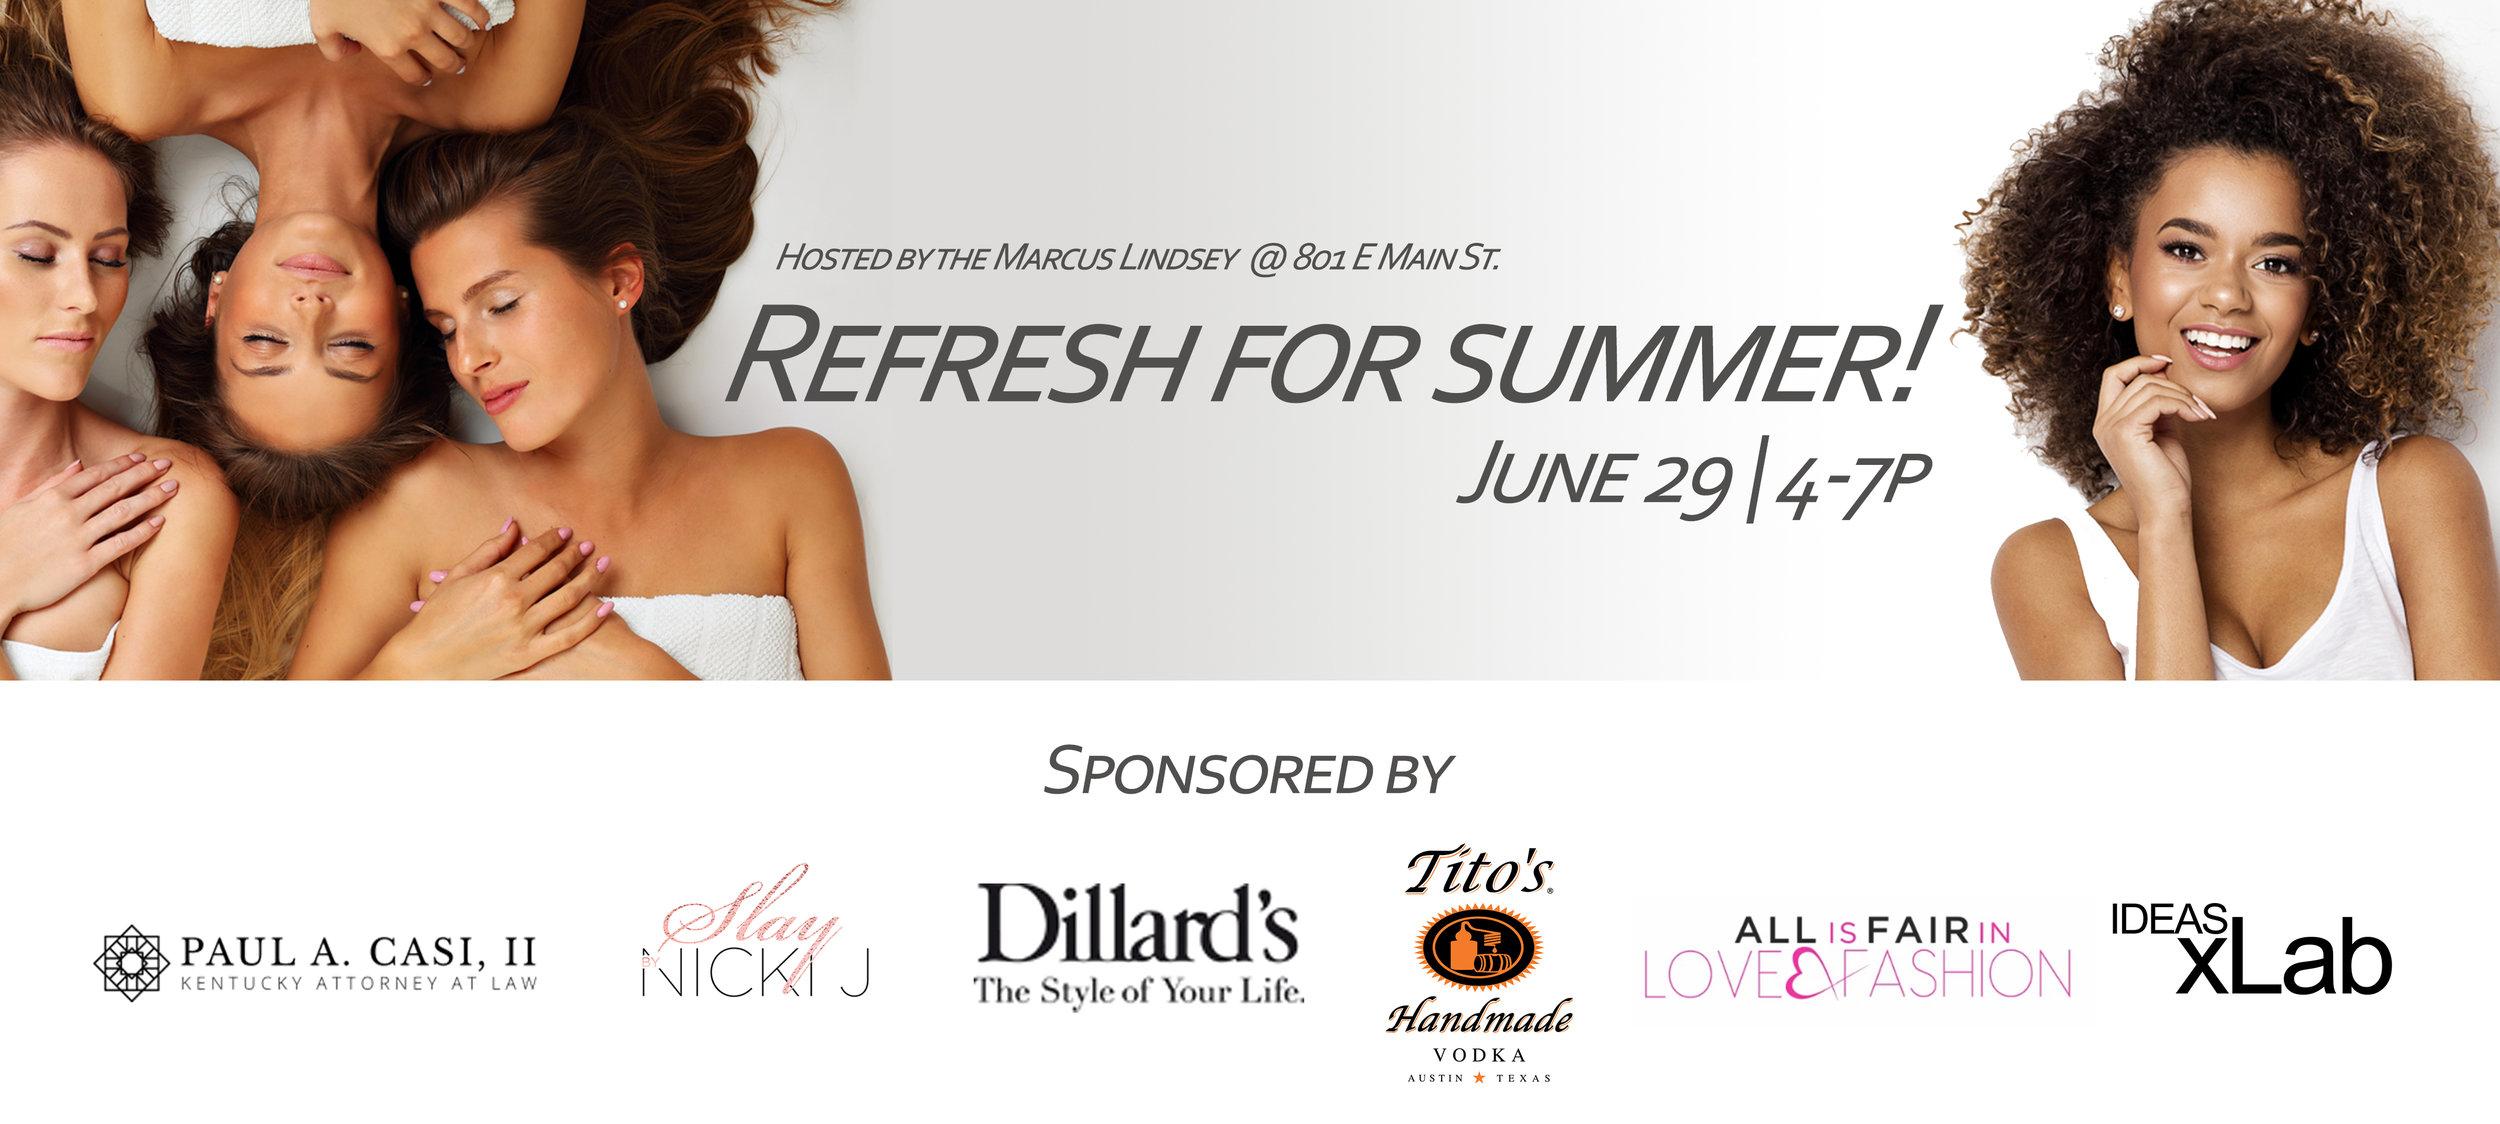 Summer Refresher promo banner 2.jpg